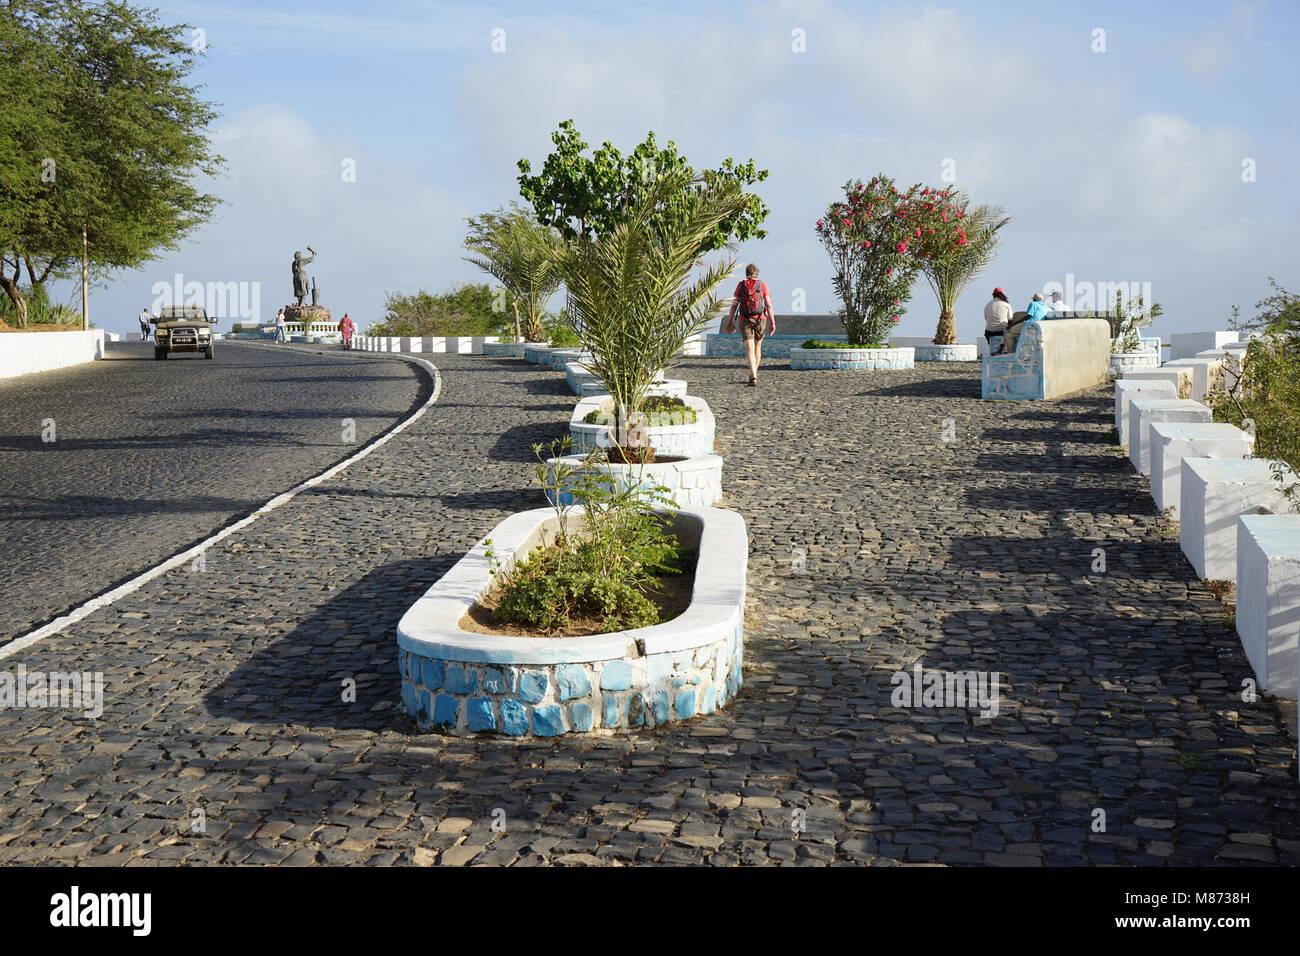 Promende, Porto Novo, Santo Antao Island, Cape Verde - Stock Image